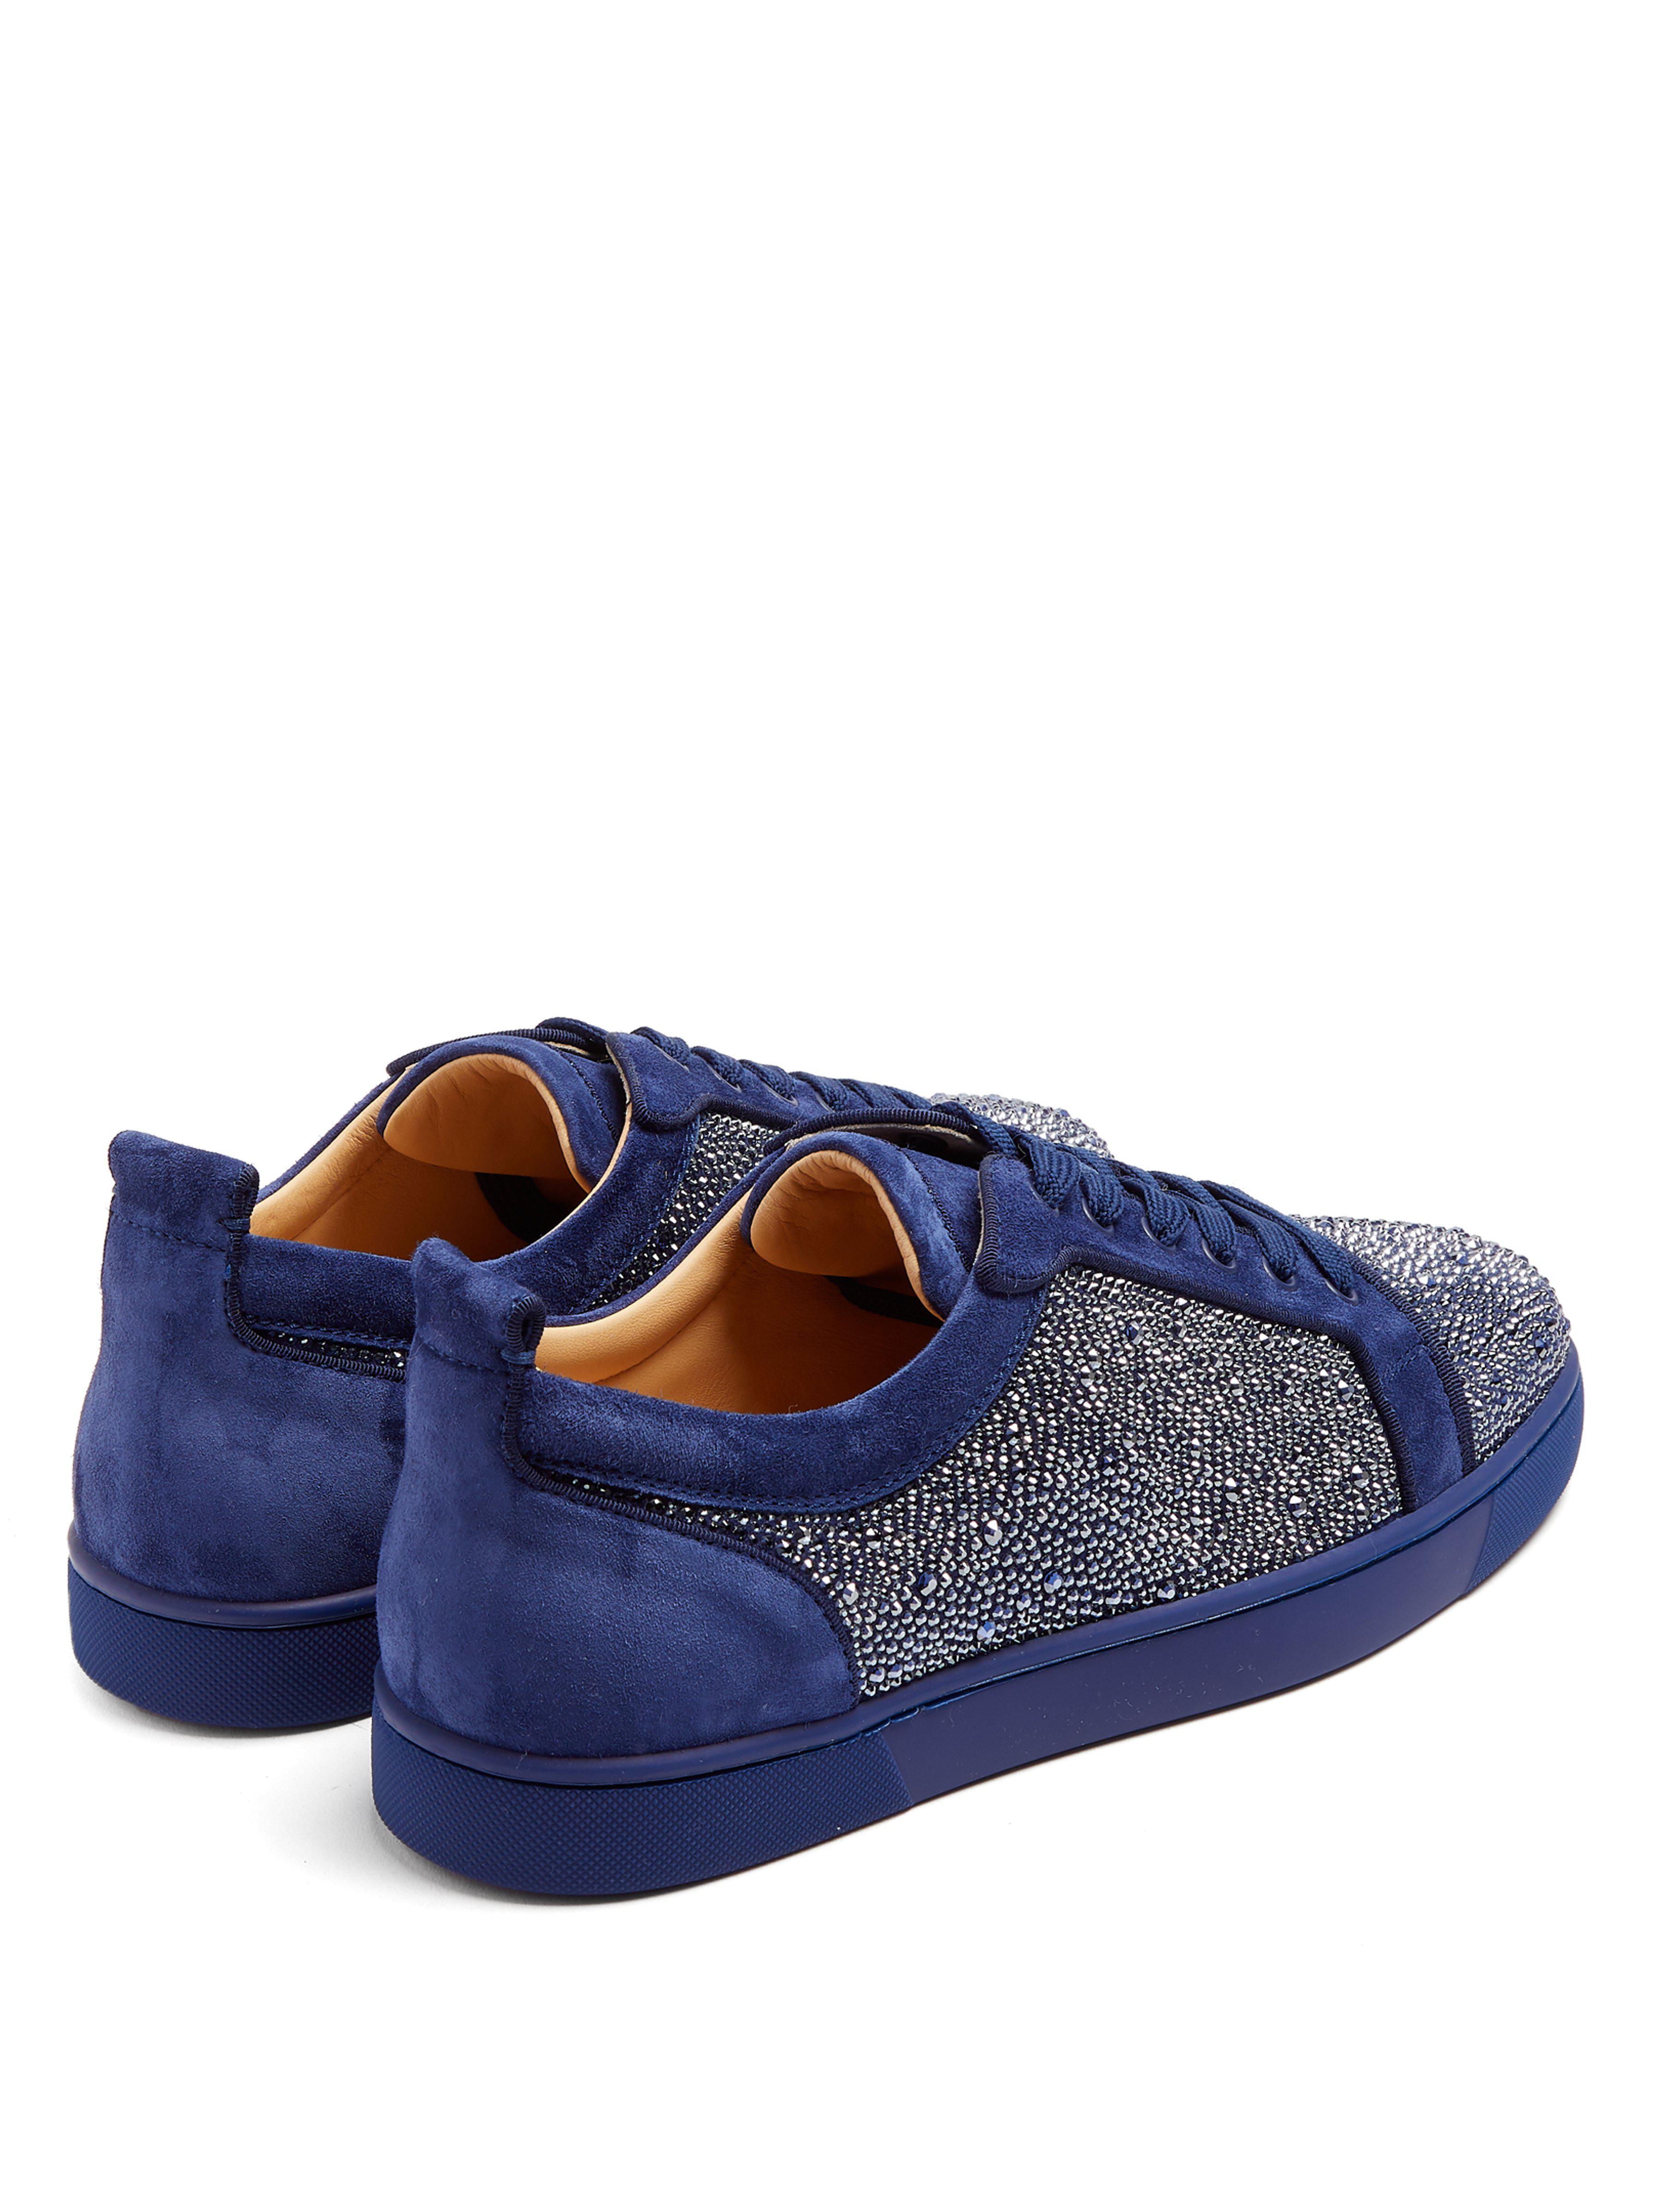 Baskets basses en cuir ornementées Louis Strass homme de coloris bleu